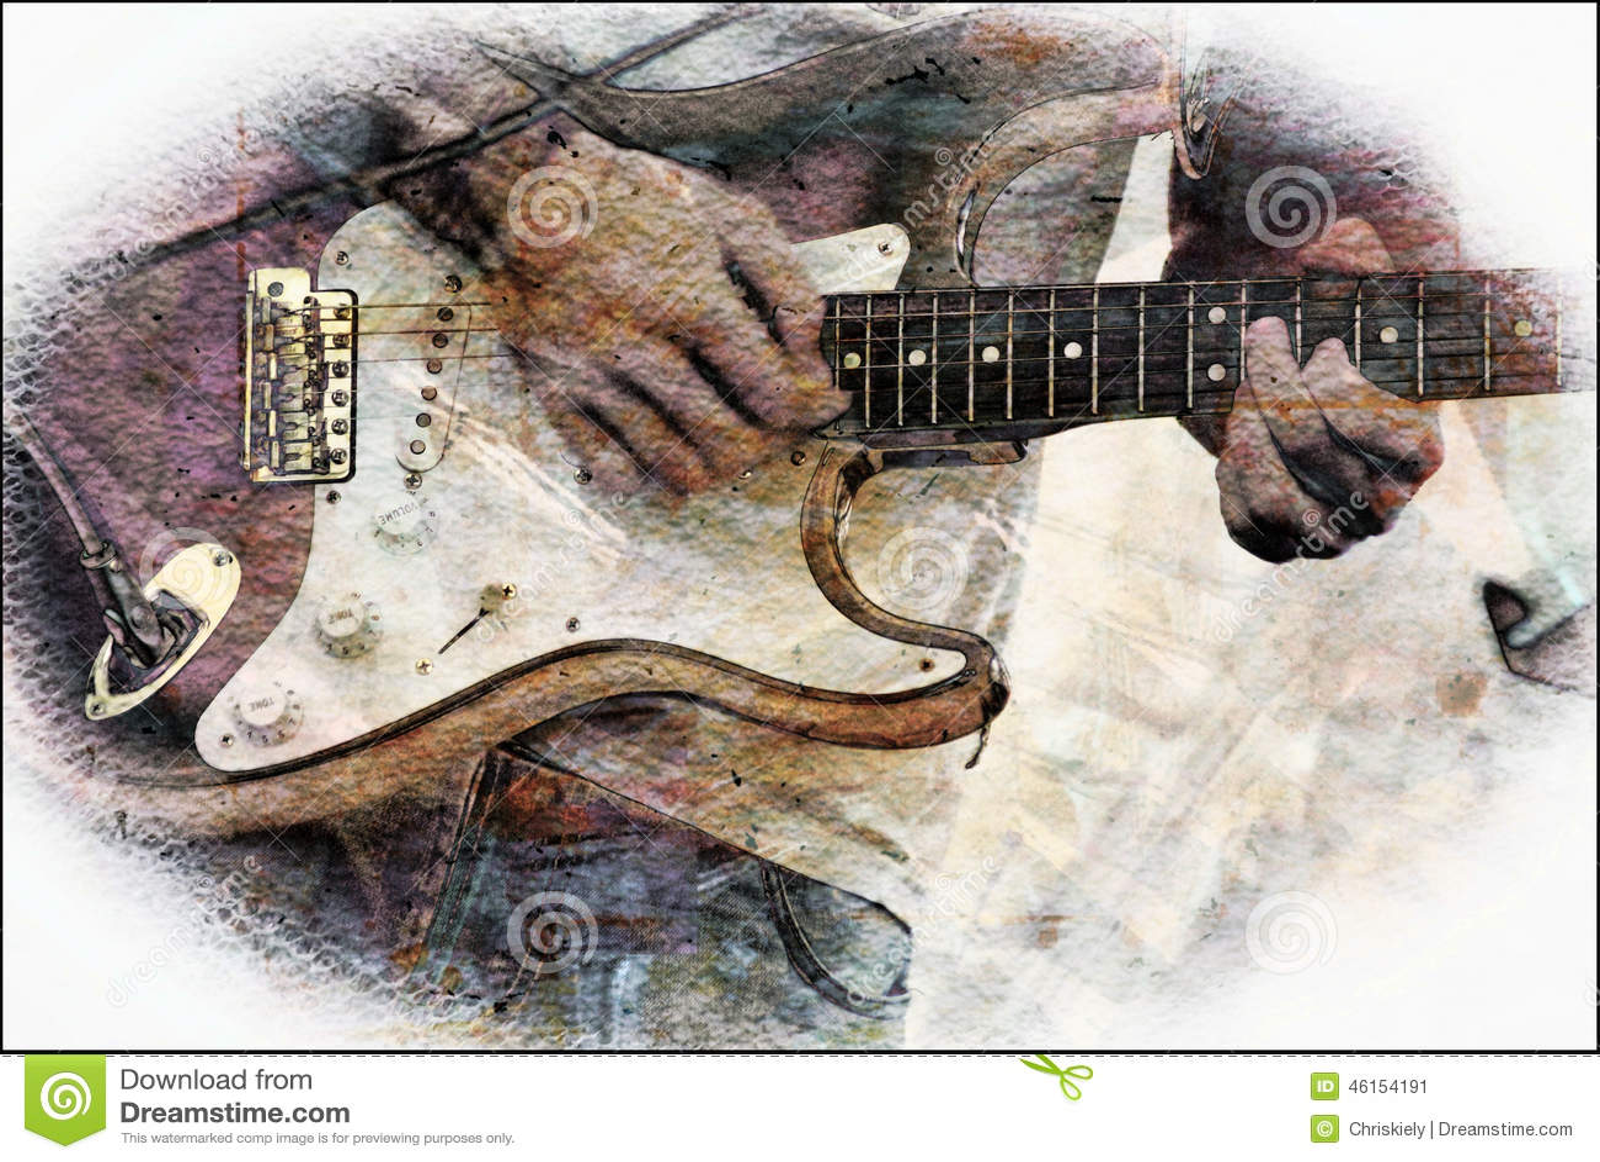 Abstract Bass Guitar